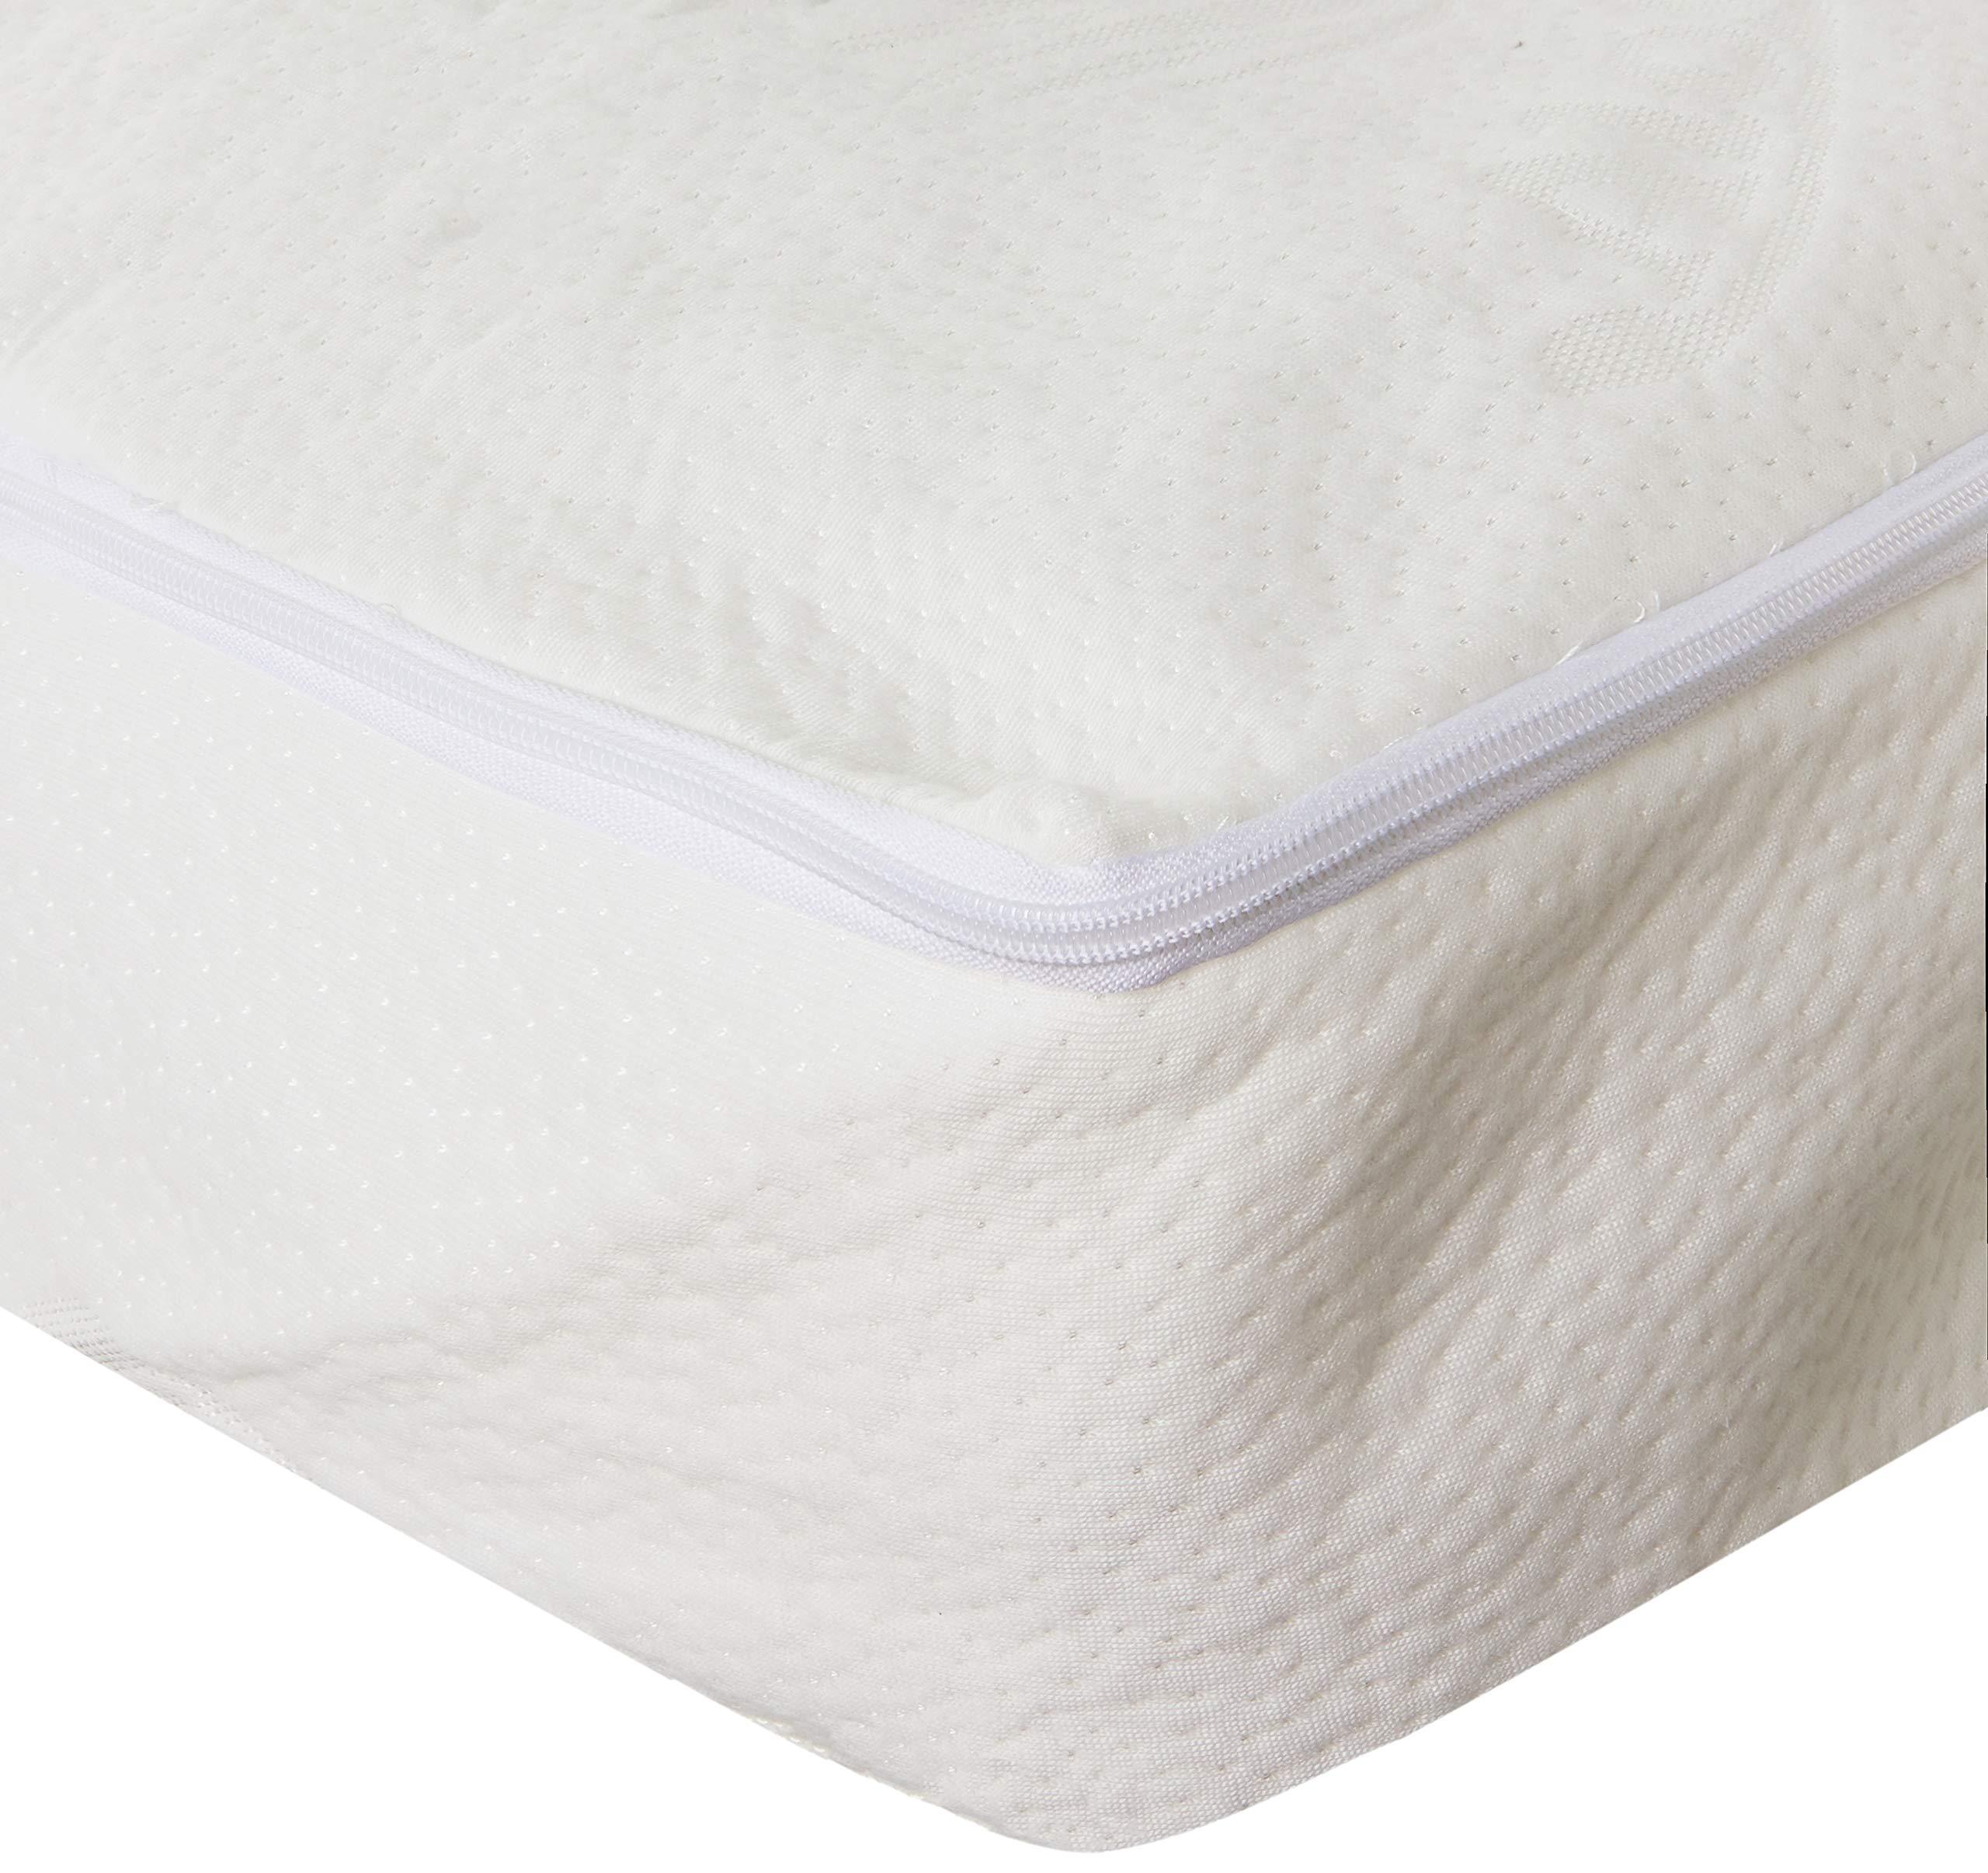 Sancarlos - Funda de colchon Aloe Vera para cama de 105 cm, color blanco product